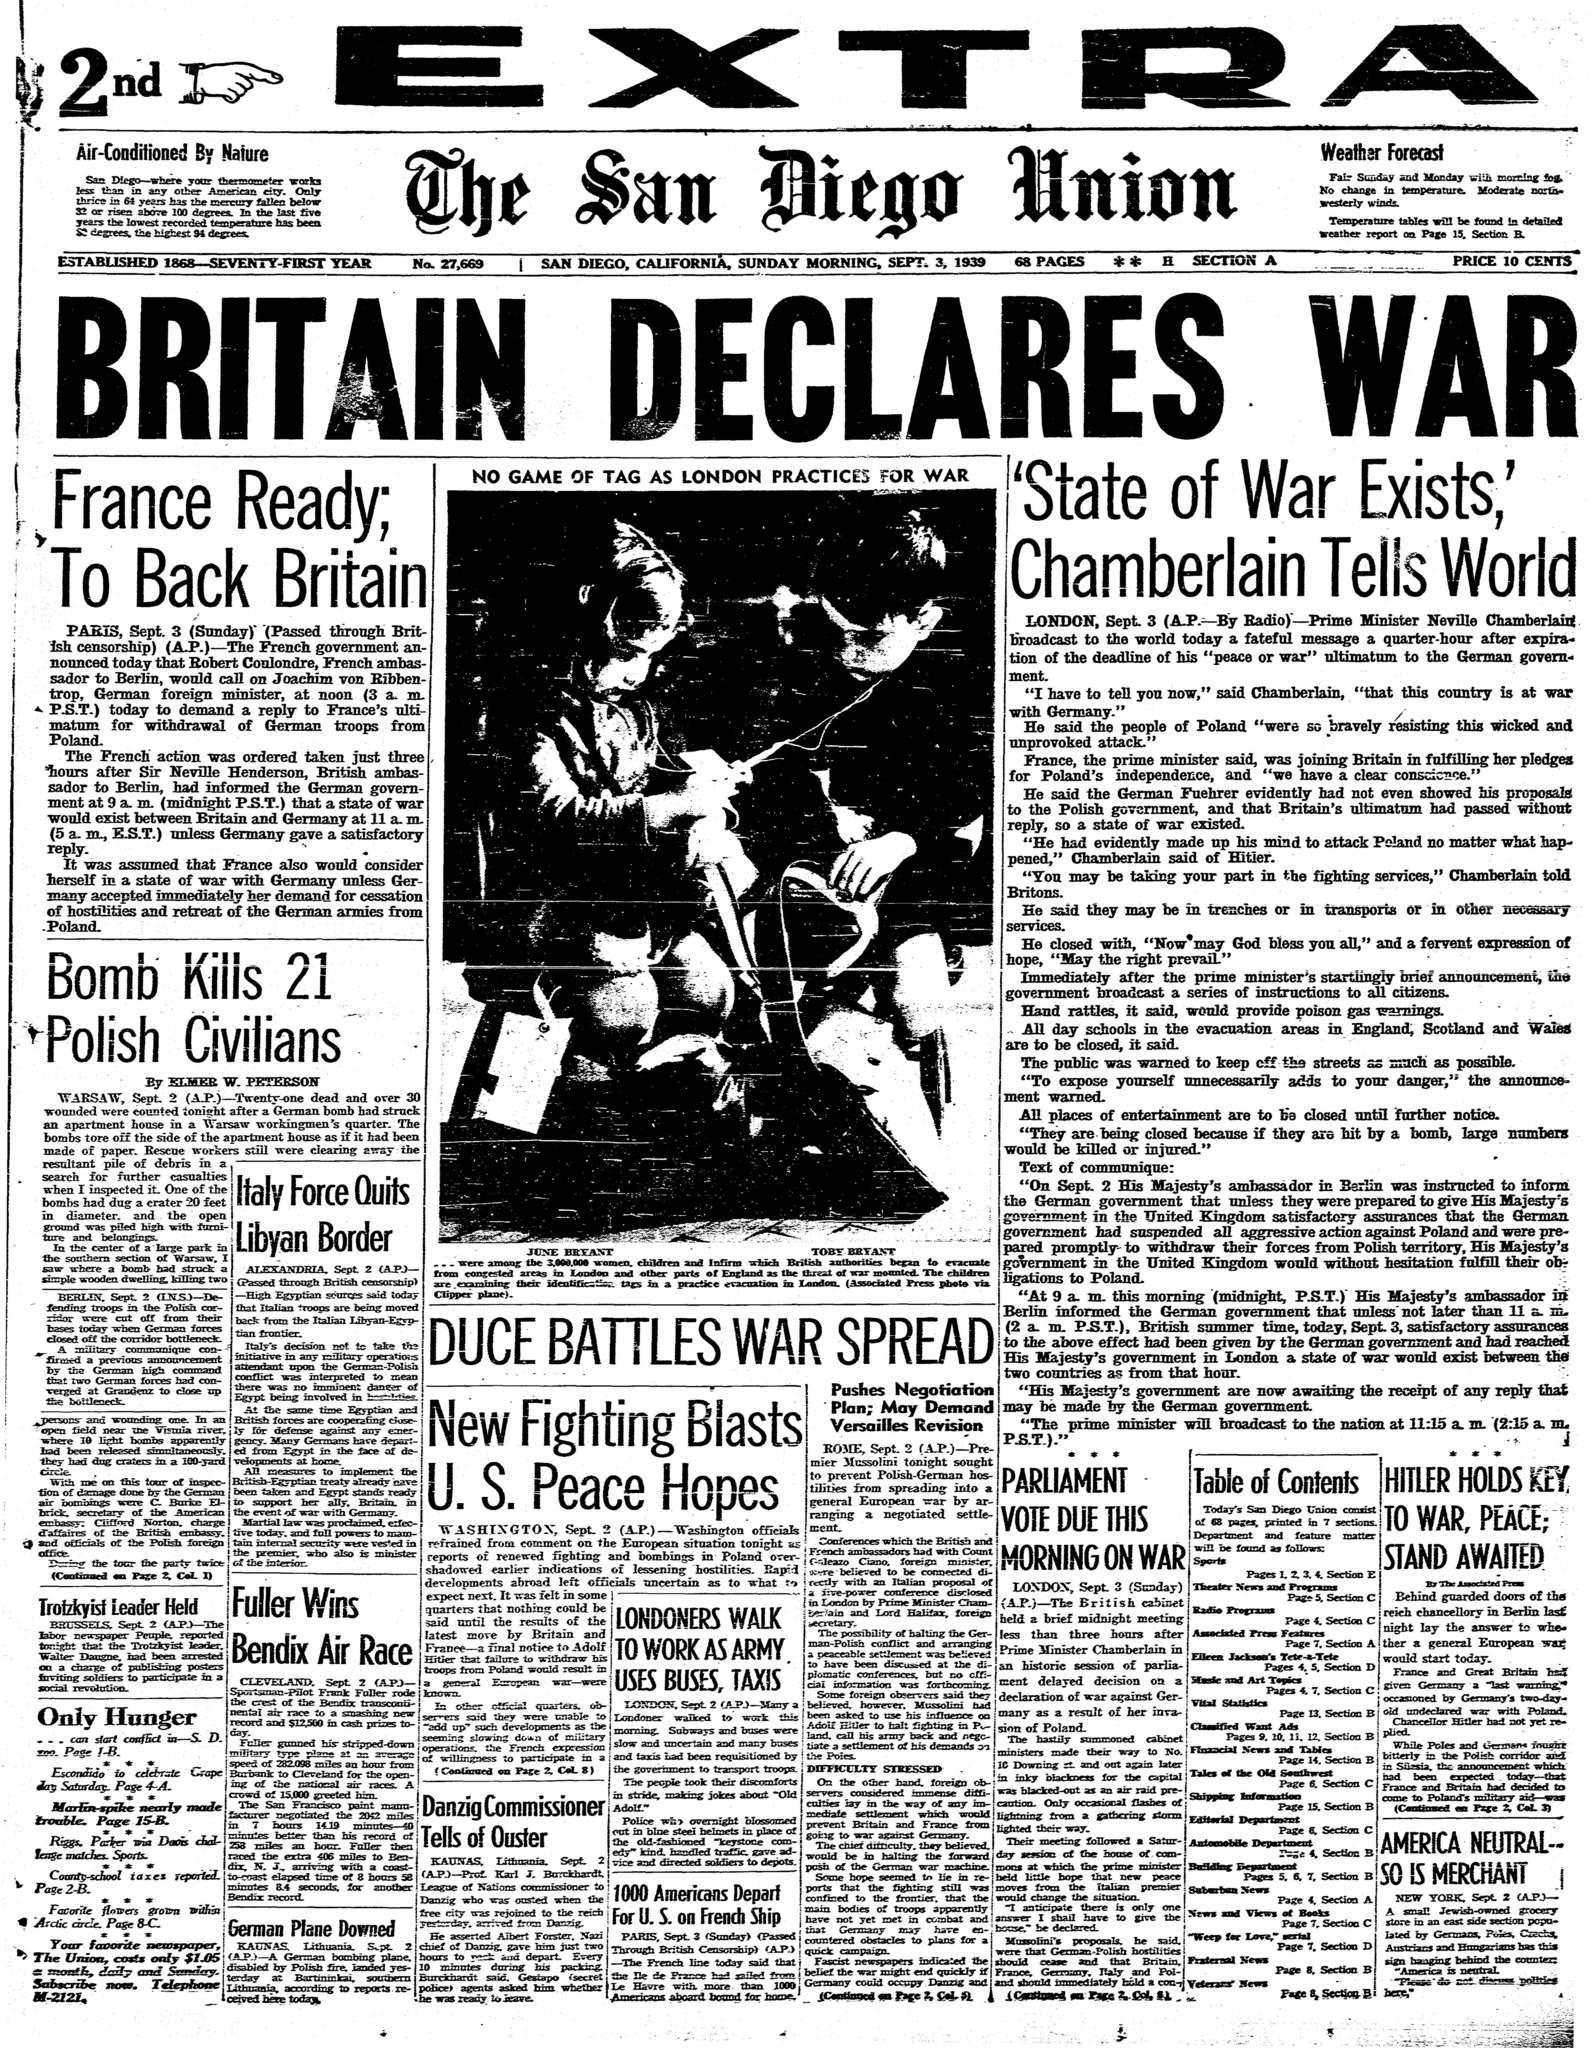 September 3, 1939